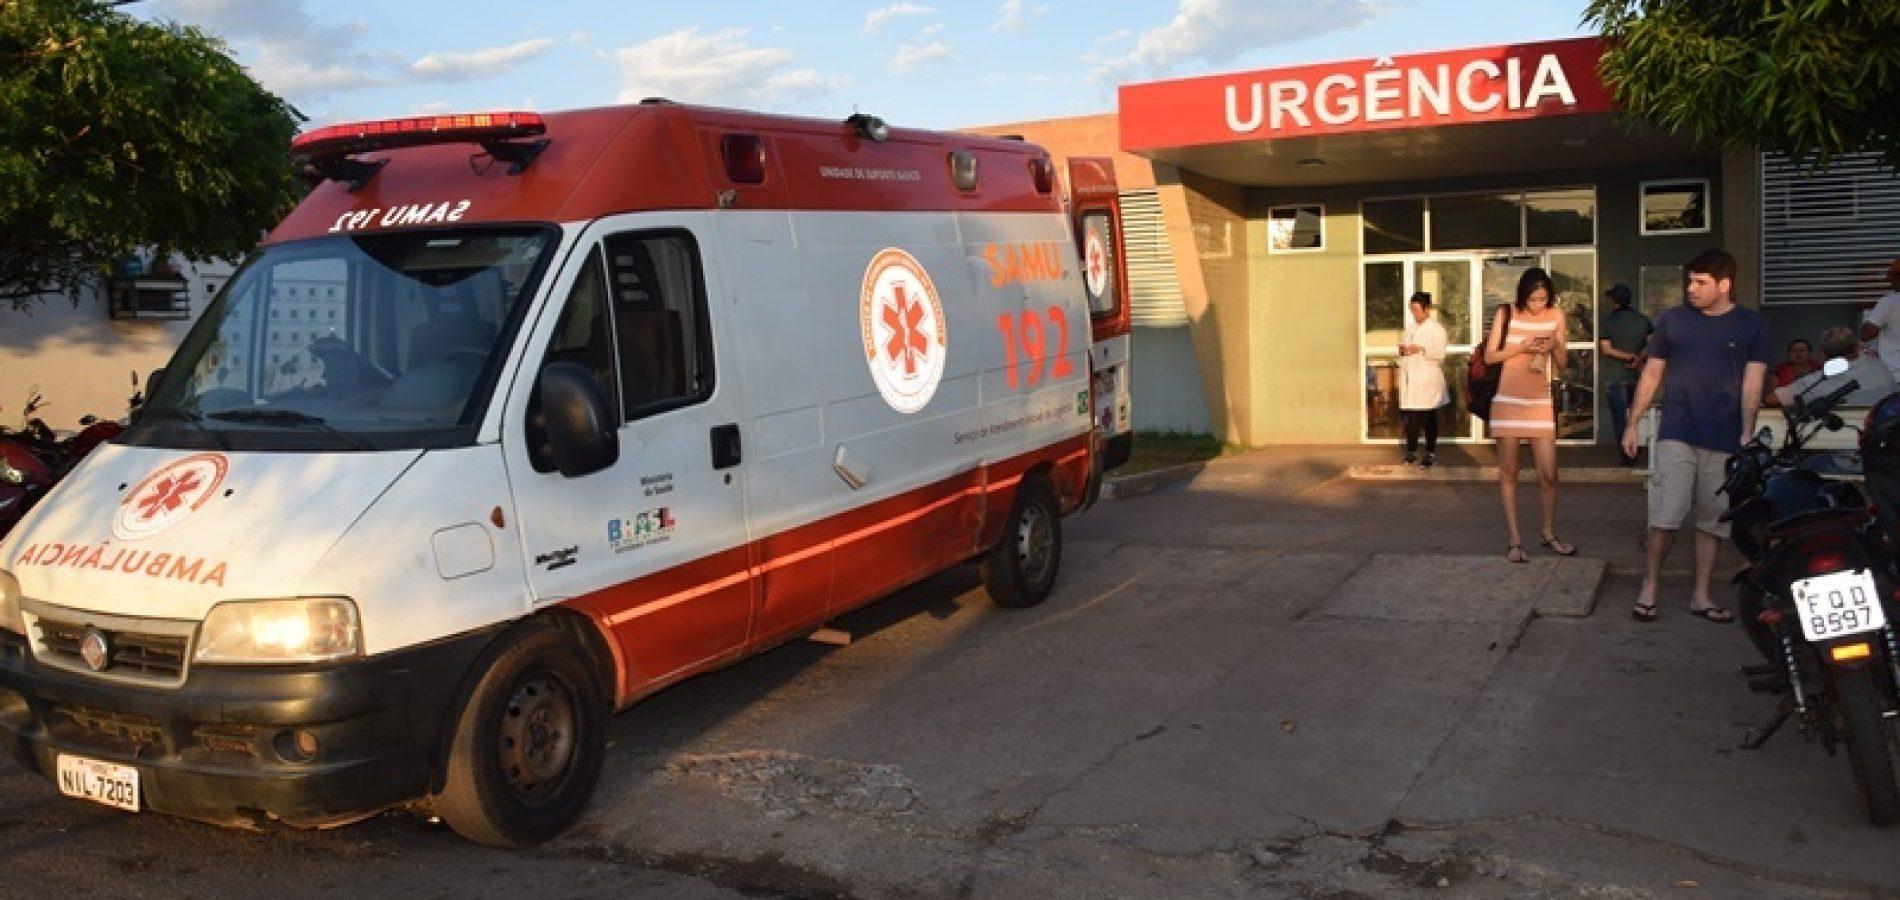 Gestores da Sesapi e Fepiserh visitam hospital de Picos após viralização de vídeo